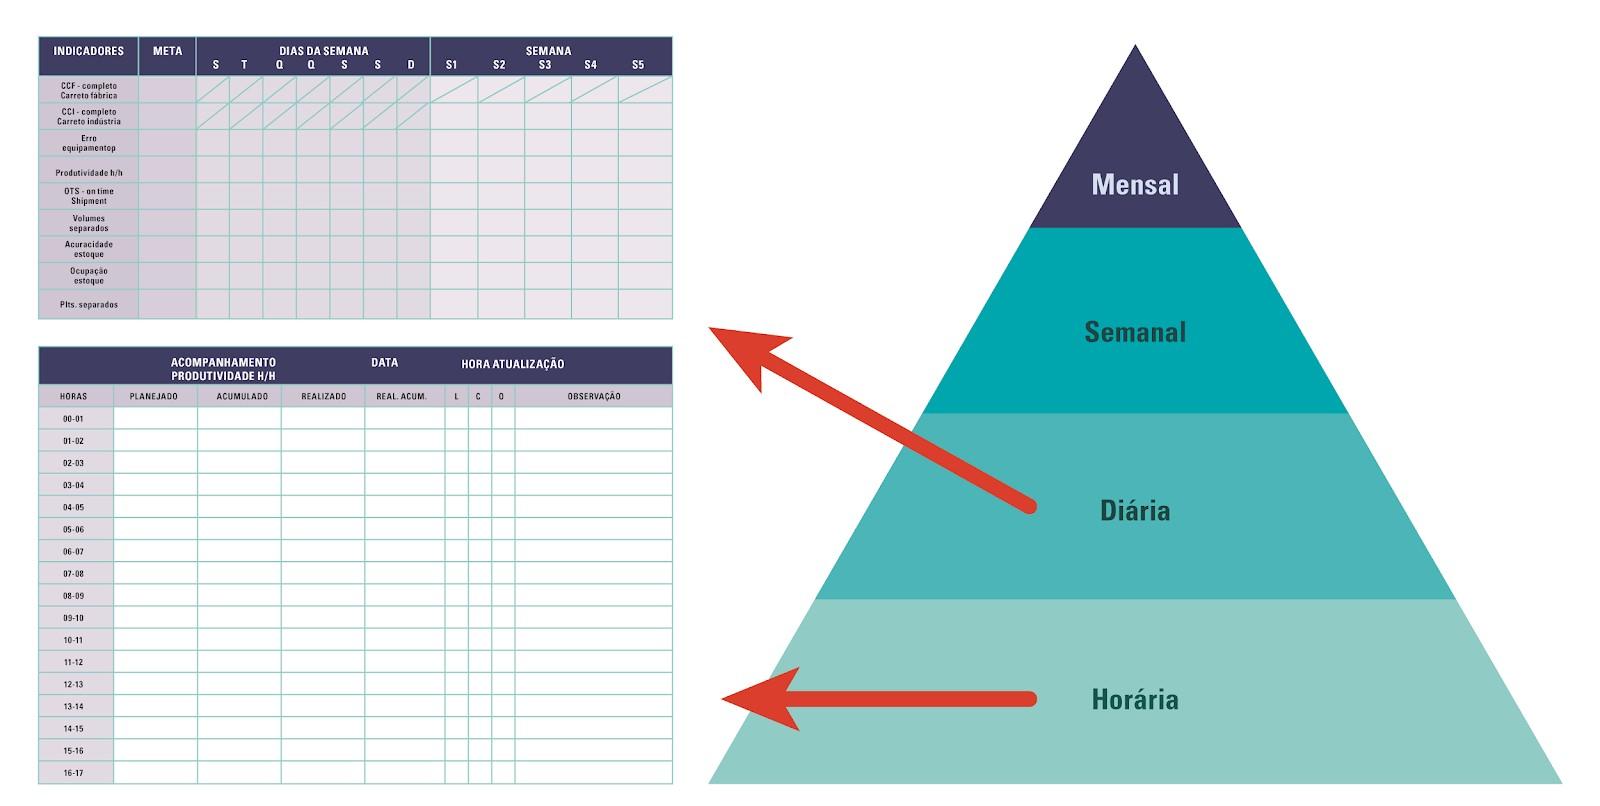 Figura 5 – Alinhamento entre os quadros de gestão visual do planejado e realizado, com destaque para o acompanhamento das metas horária e diária das equipes. Fonte: elaborado pelo autor